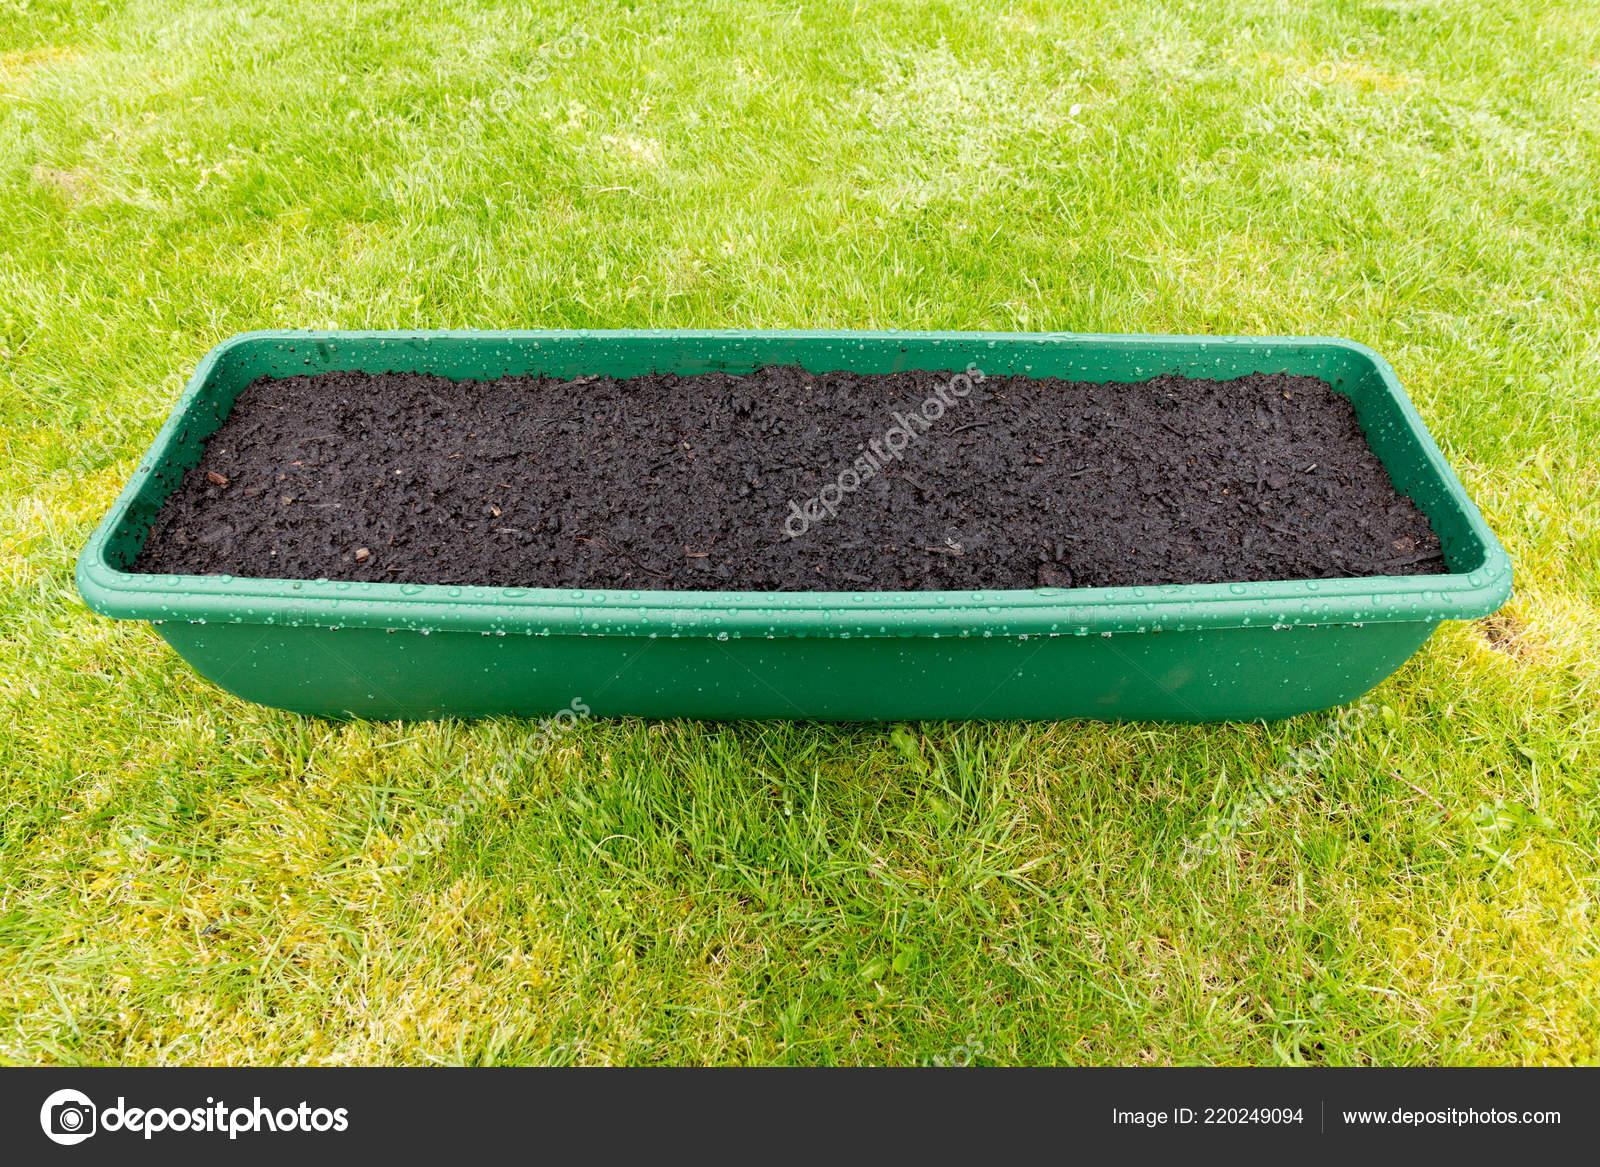 Garten Container Gefüllt Mit Erde Auf Einem Rasen Hintergrund